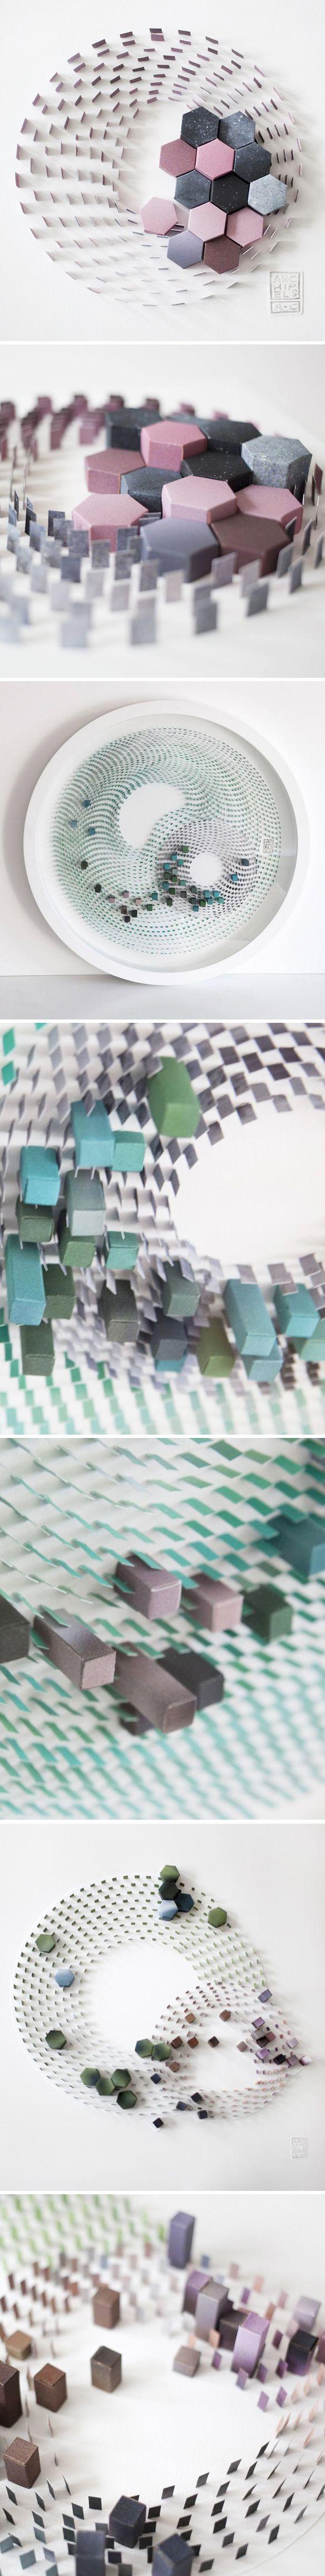 agnes cappadoro - paper sculpture <3